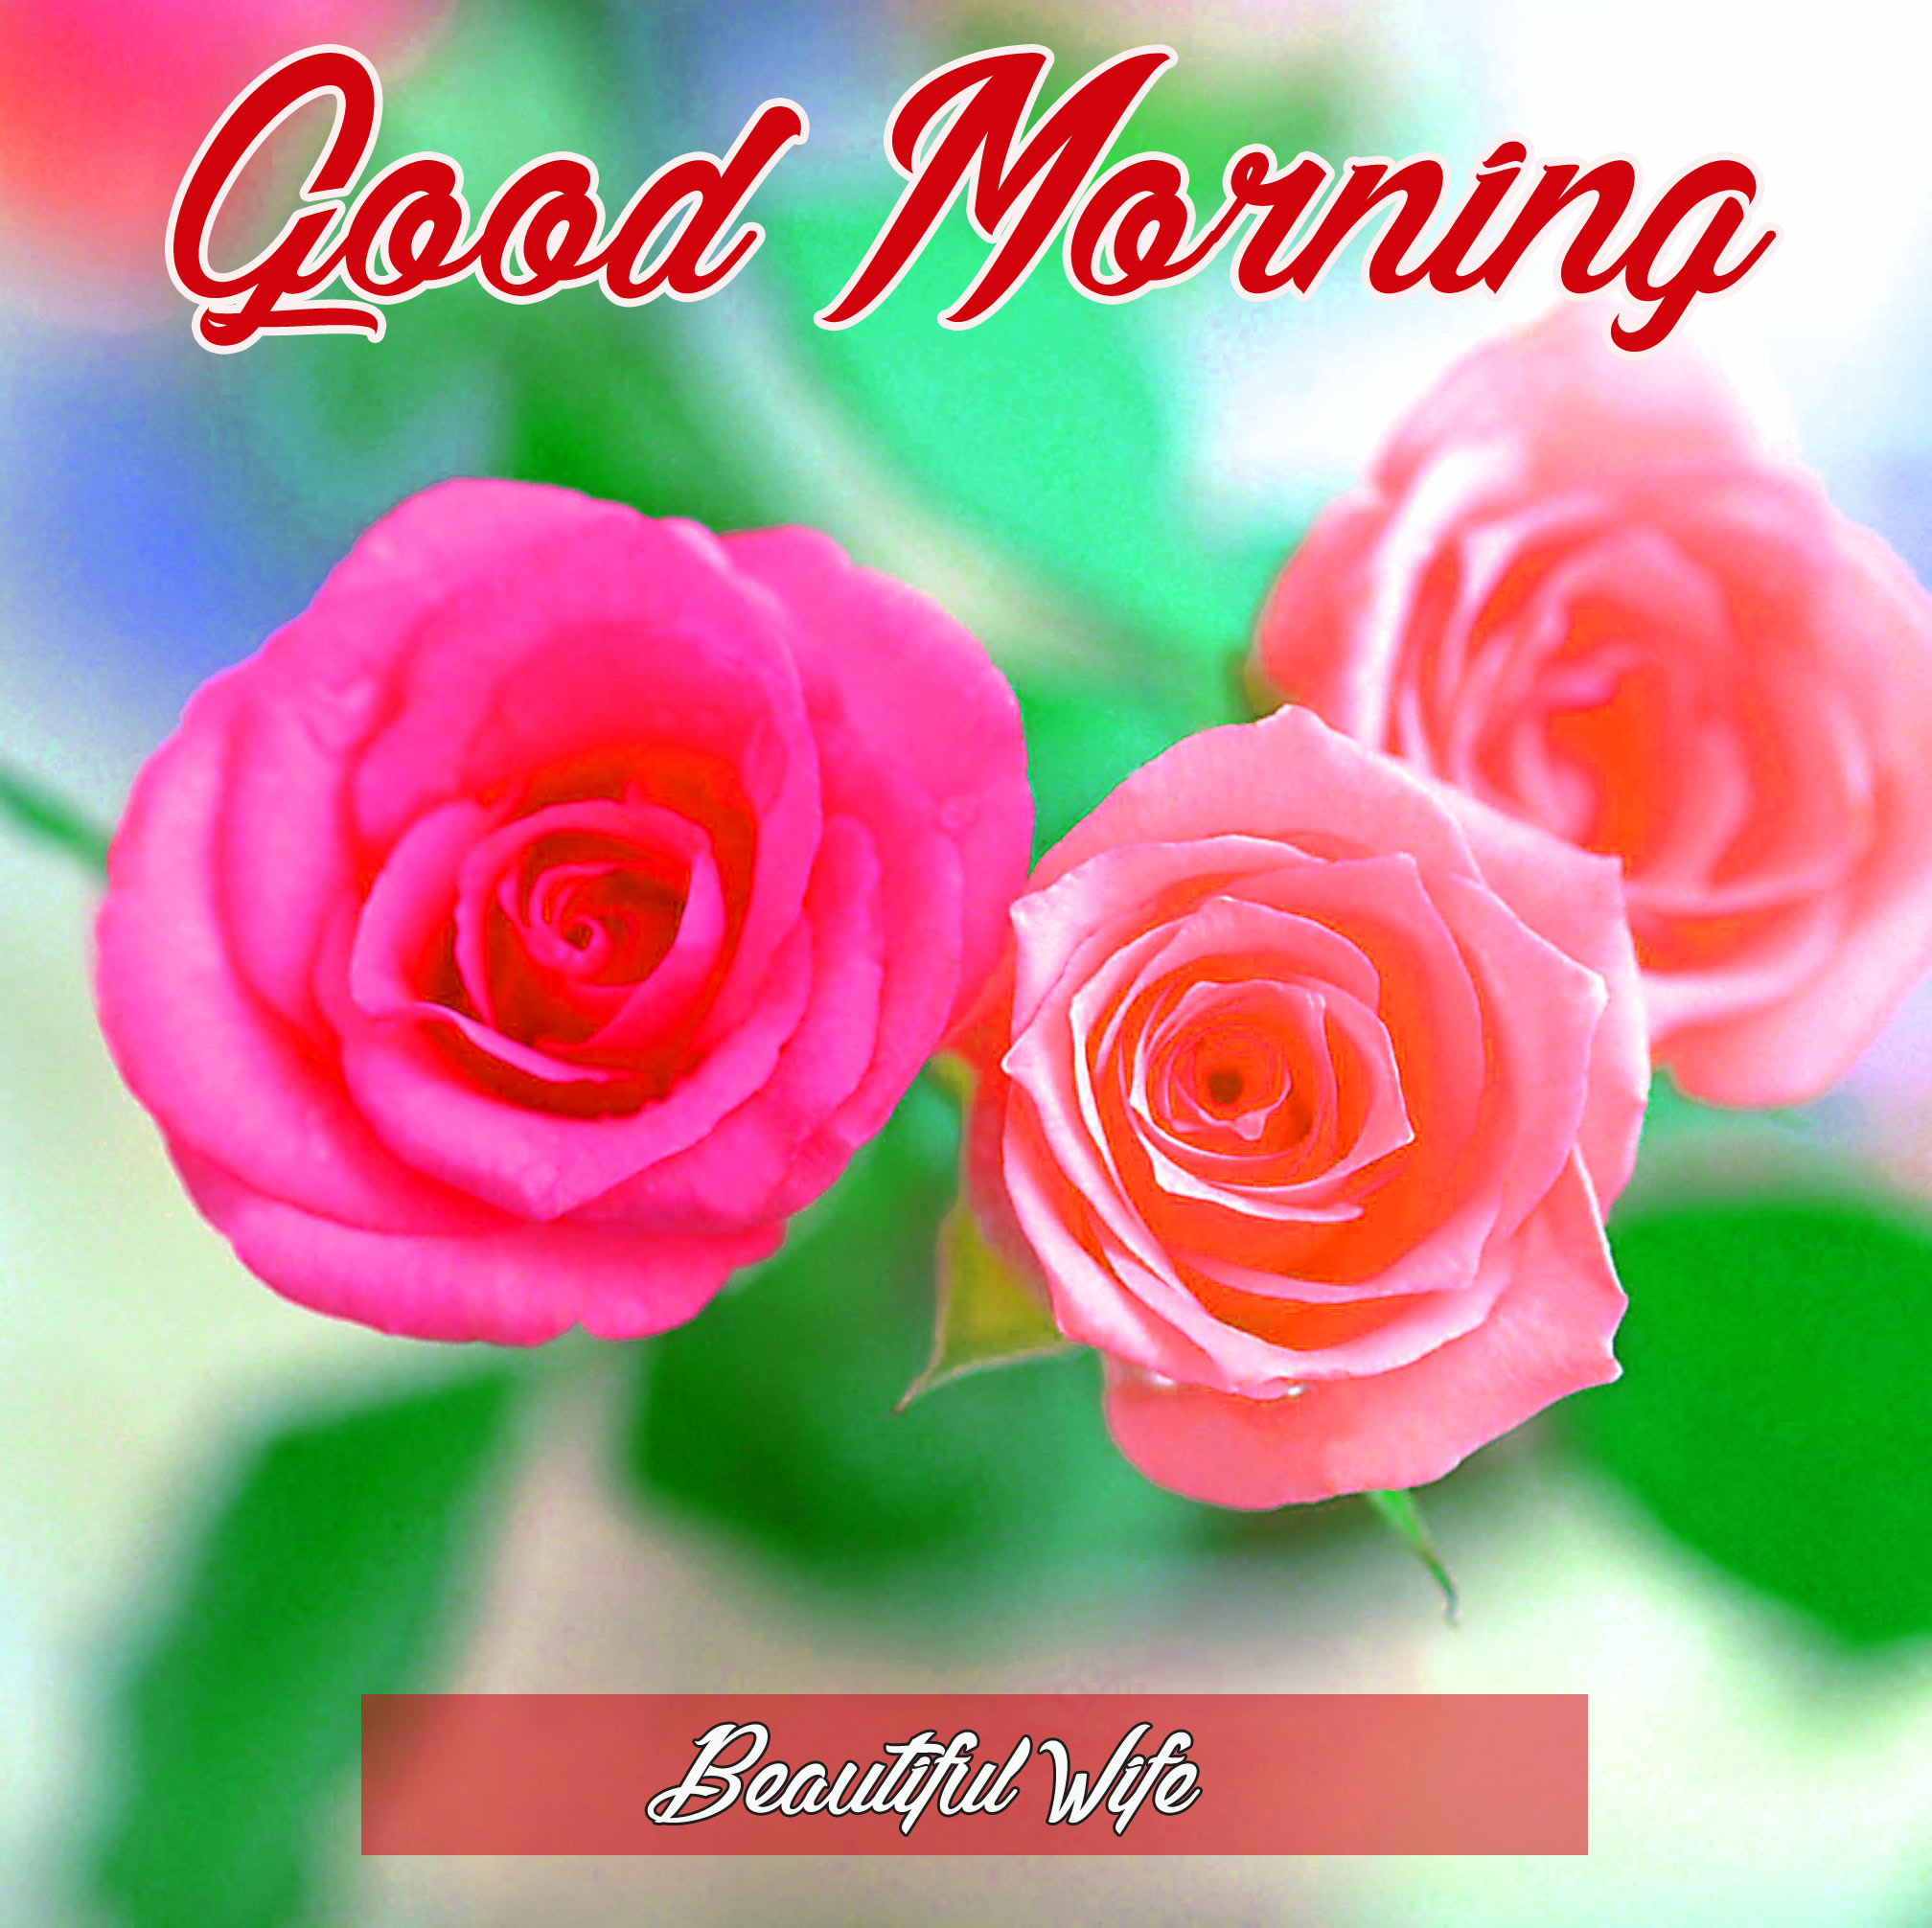 184 Flower Good Morning Hd Images Wallpaper For Whatsapp Facebook Good Morning Images Good Morning Photo Hd Downlaod Good Morning Pics Wallpaper Hd